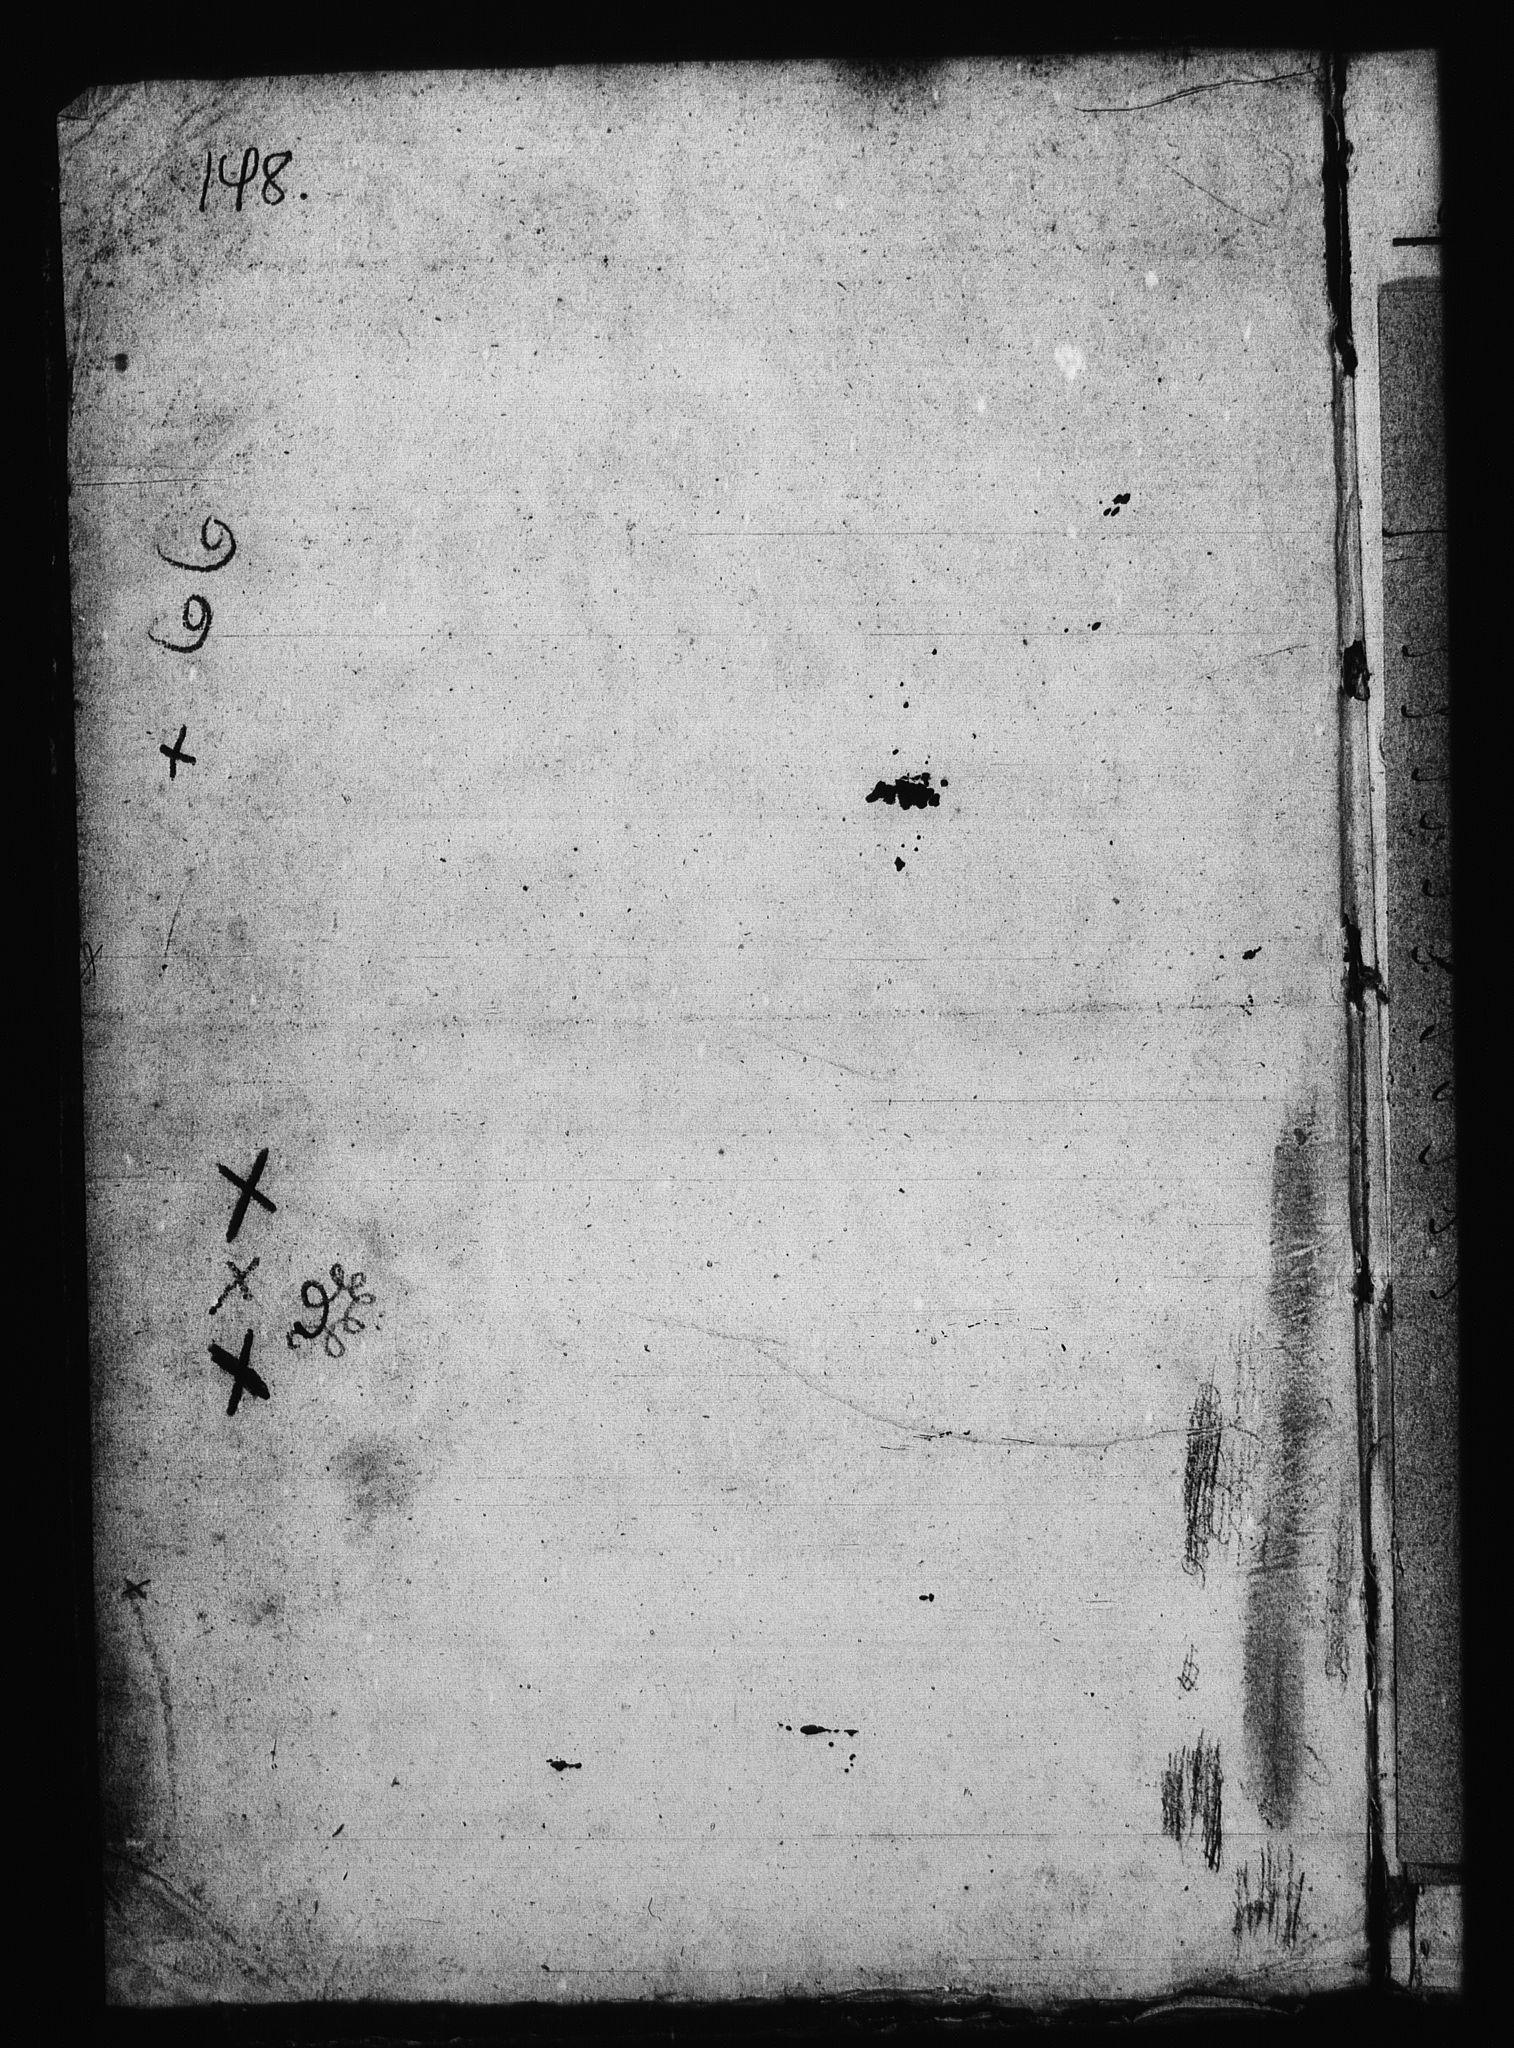 RA, Sjøetaten, F/L0149: Bragernes distrikt, bind 1, 1807